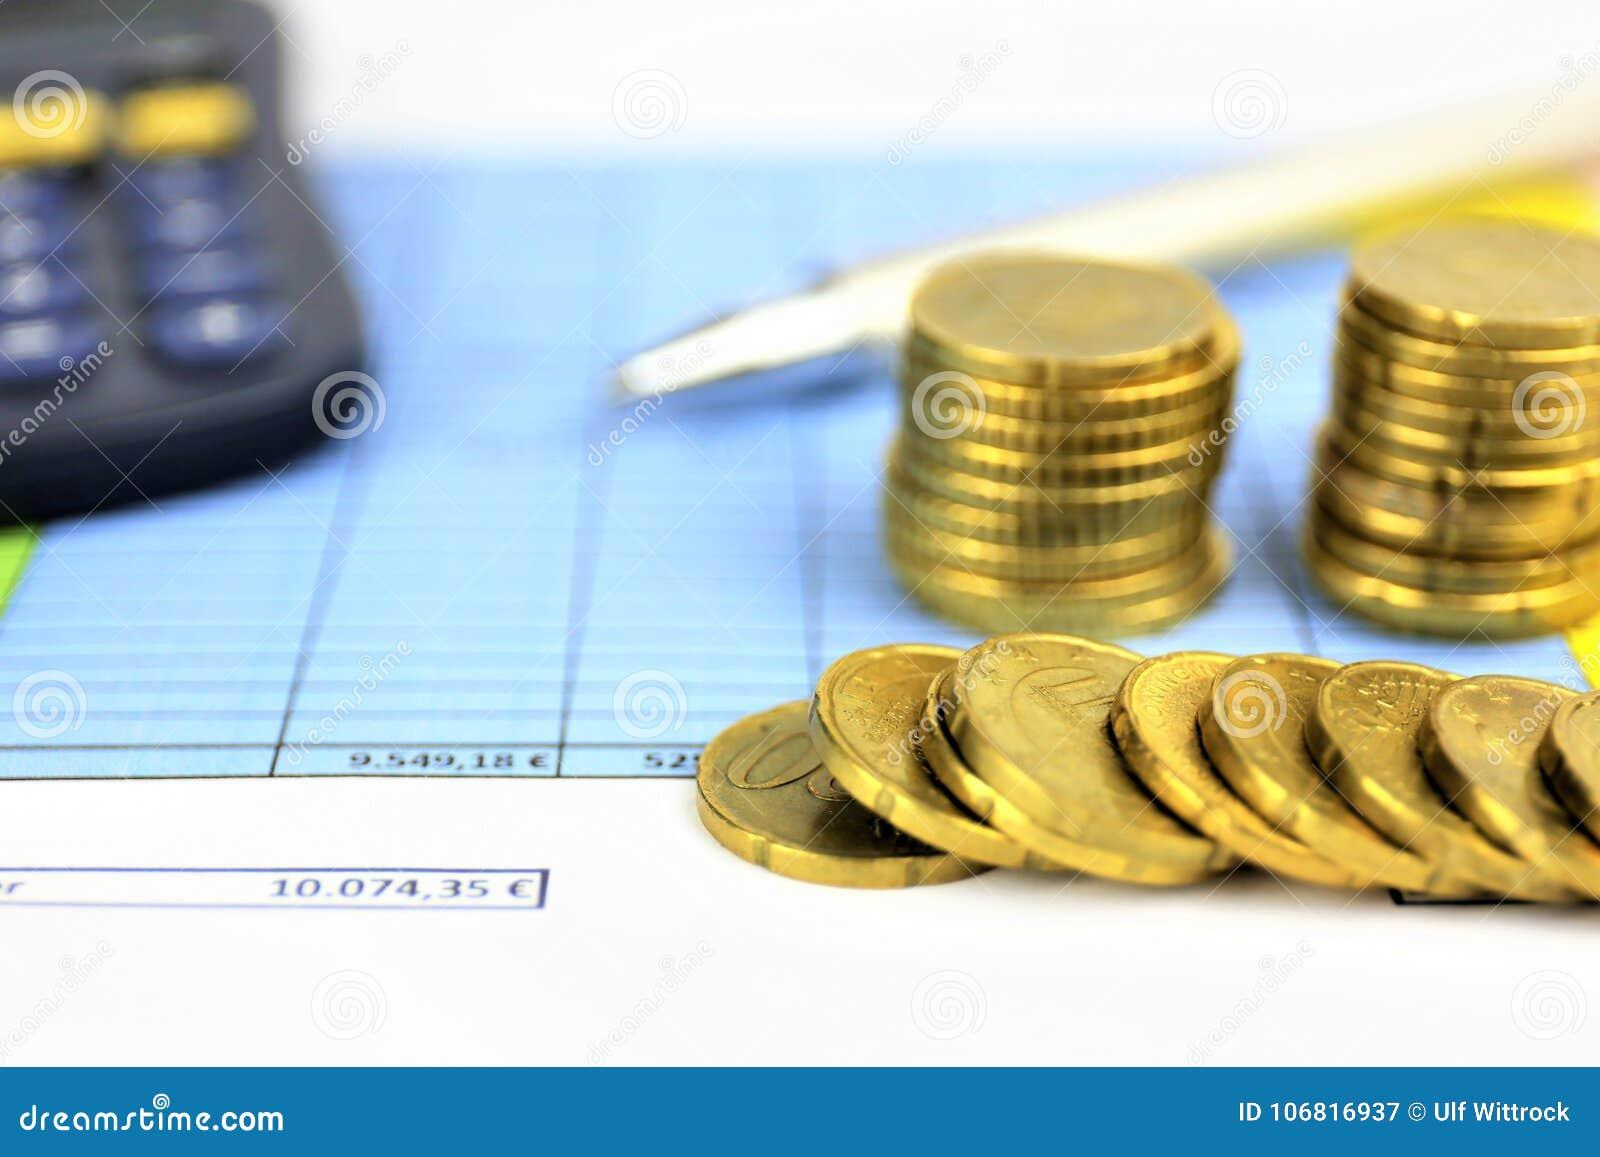 Μια εικόνα έννοιας των χρημάτων, υπολογιστής, μάνδρα